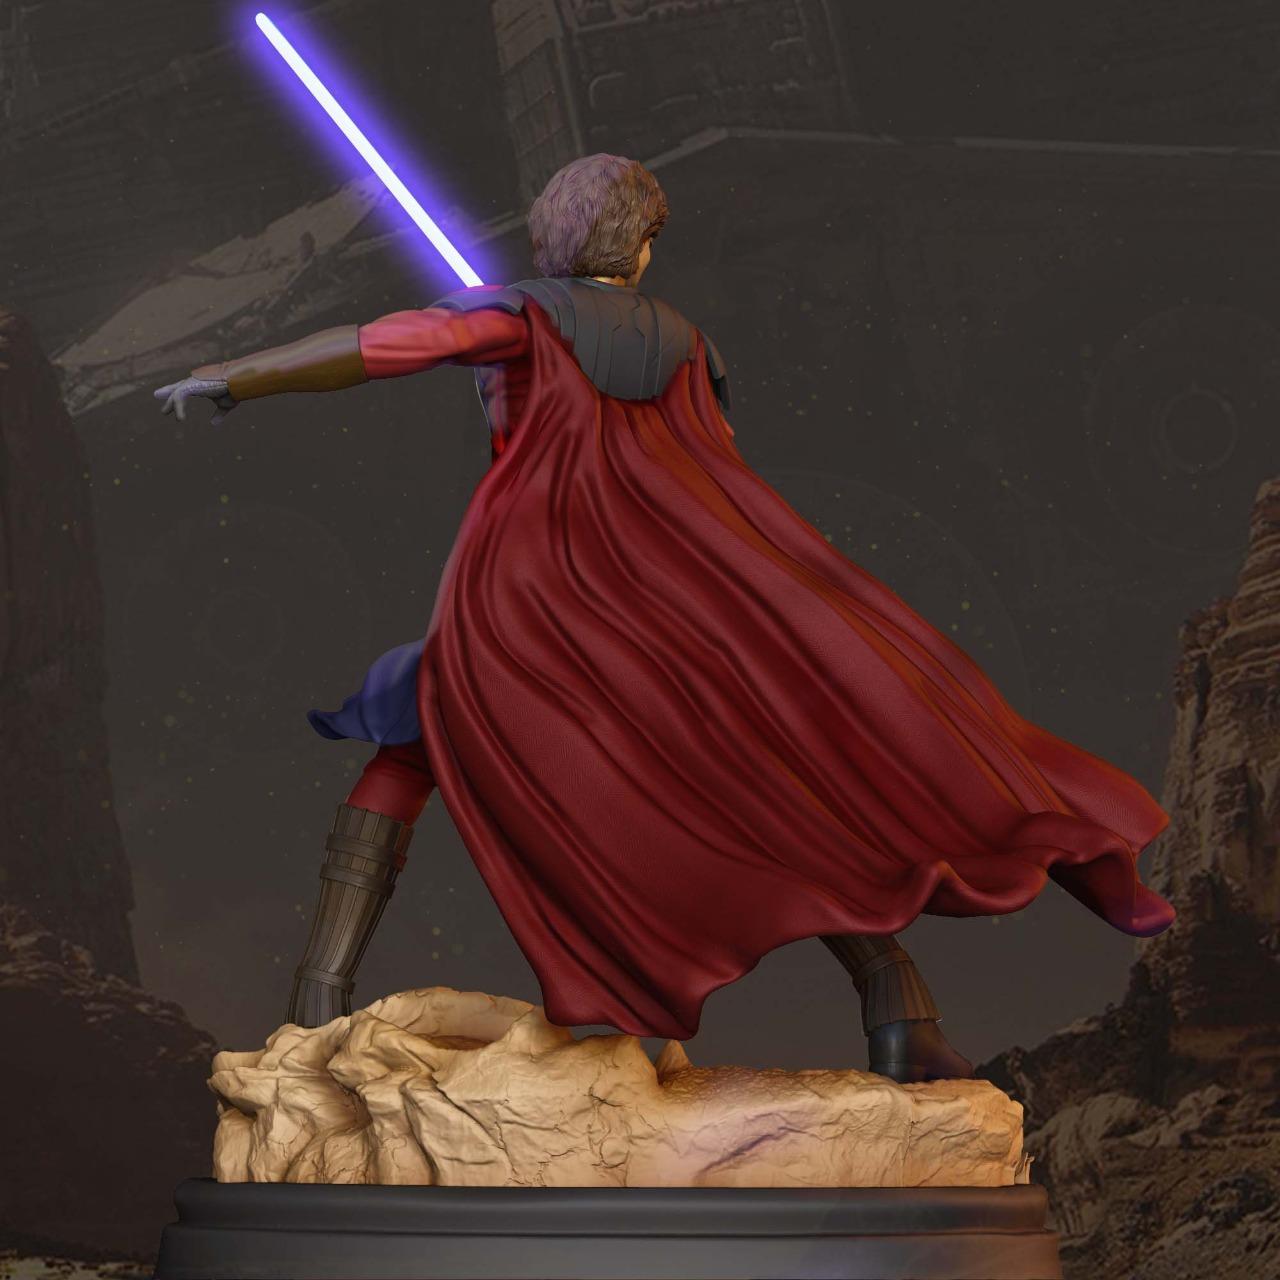 General Anakin skywalker clone wars  - finished model  - Os melhores arquivos para impressão 3D do mundo. Modelos stl divididos em partes para facilitar a impressão 3D. Todos os tipos de personagens, decoração, cosplay, próteses, peças. Qualidade na impressão 3D. Modelos 3D com preço acessível. Baixo custo. Compras coletivas de arquivos 3D.